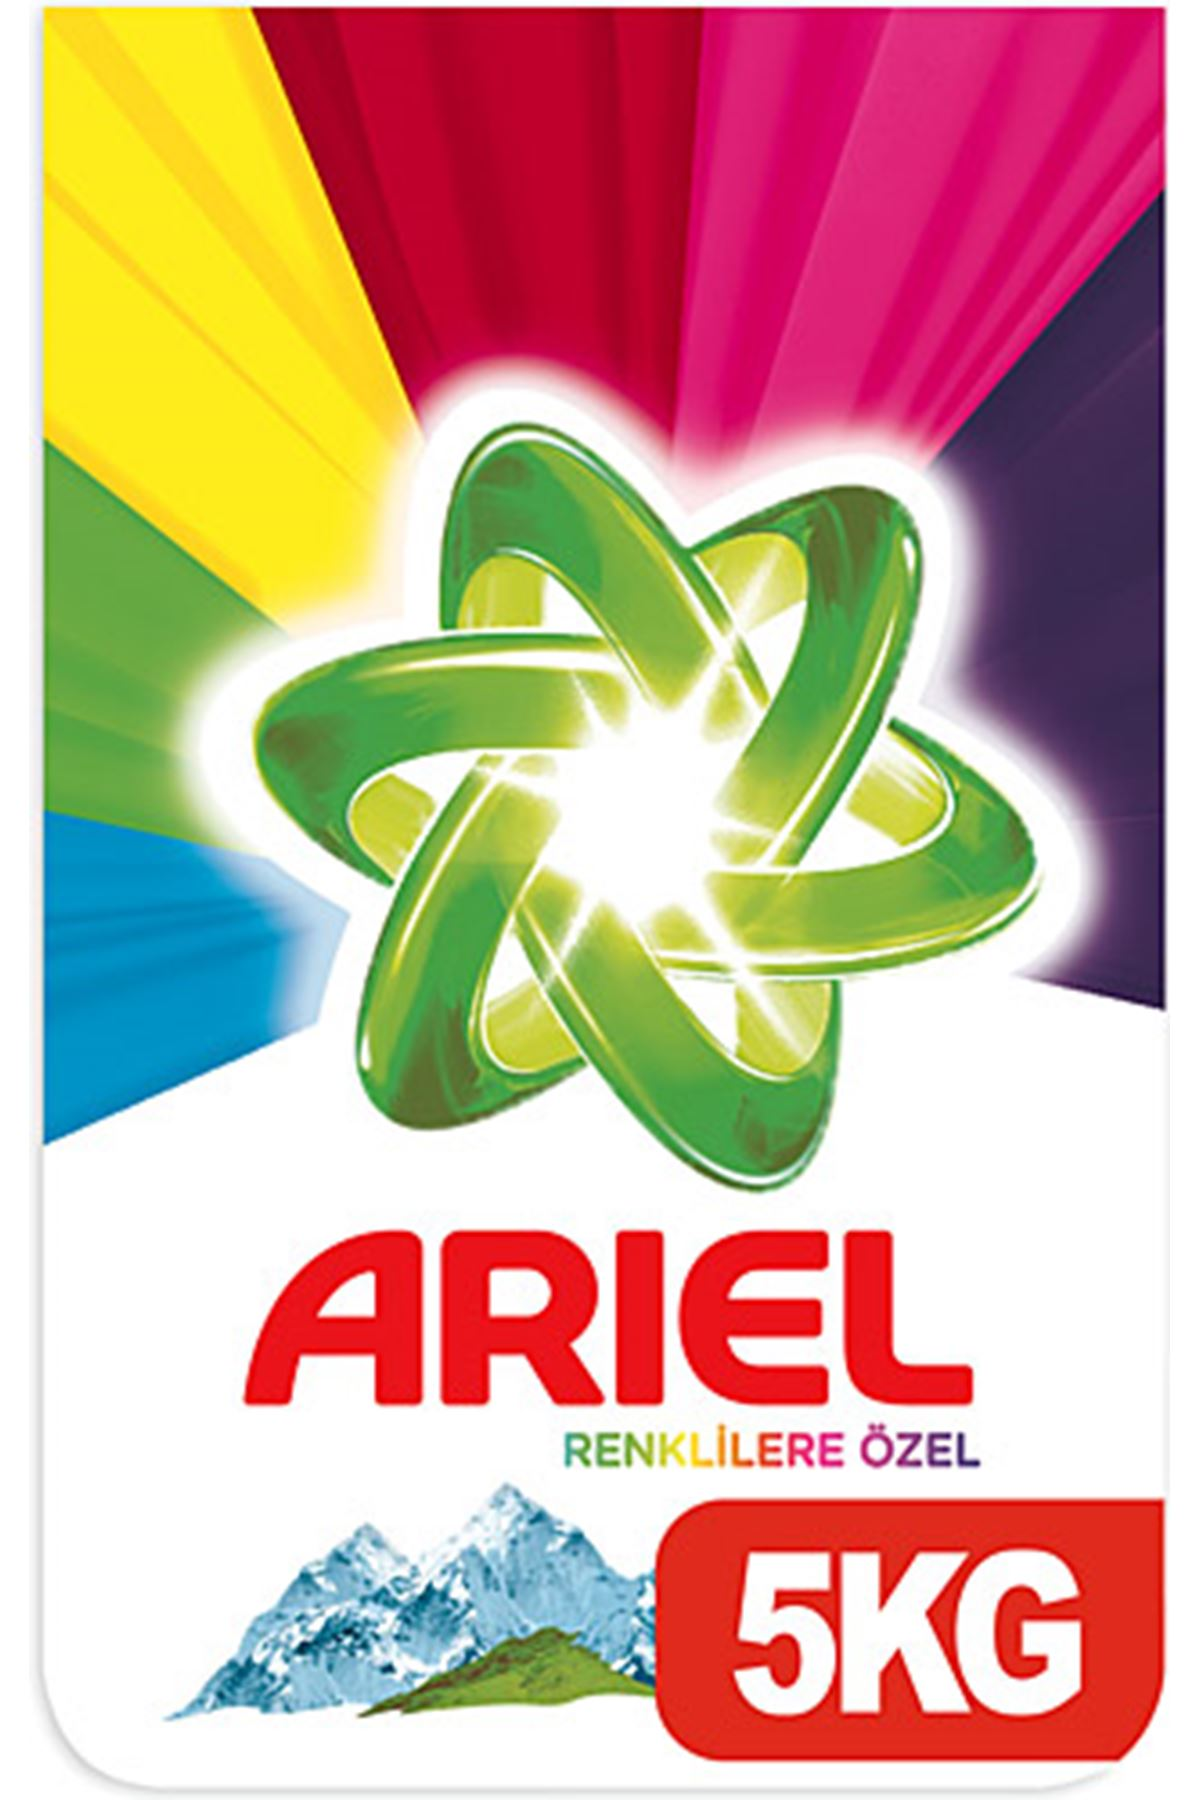 Ariel 5 kg Toz Çamaşır Deterjanı Dağ Esintisi Renkliler İçin